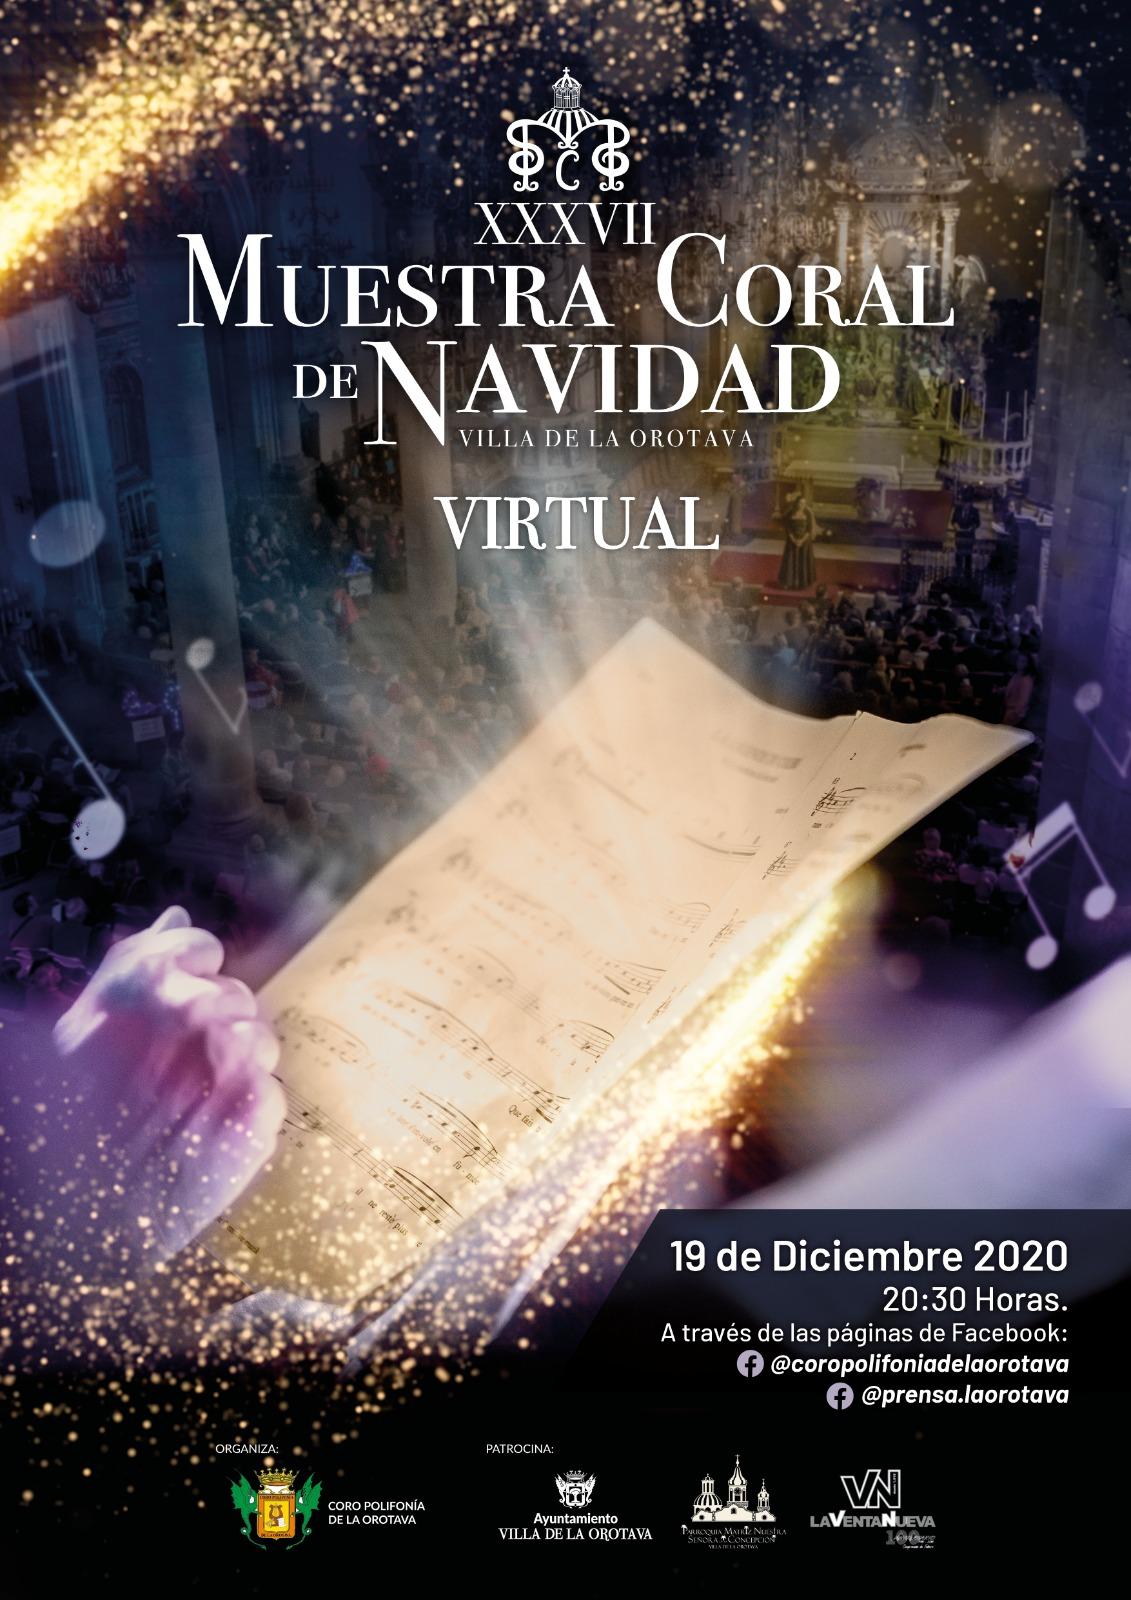 El Ayuntamiento villero cumple con una de sus citas más importantes por estas fechas navideñas adaptándola al formato virtual